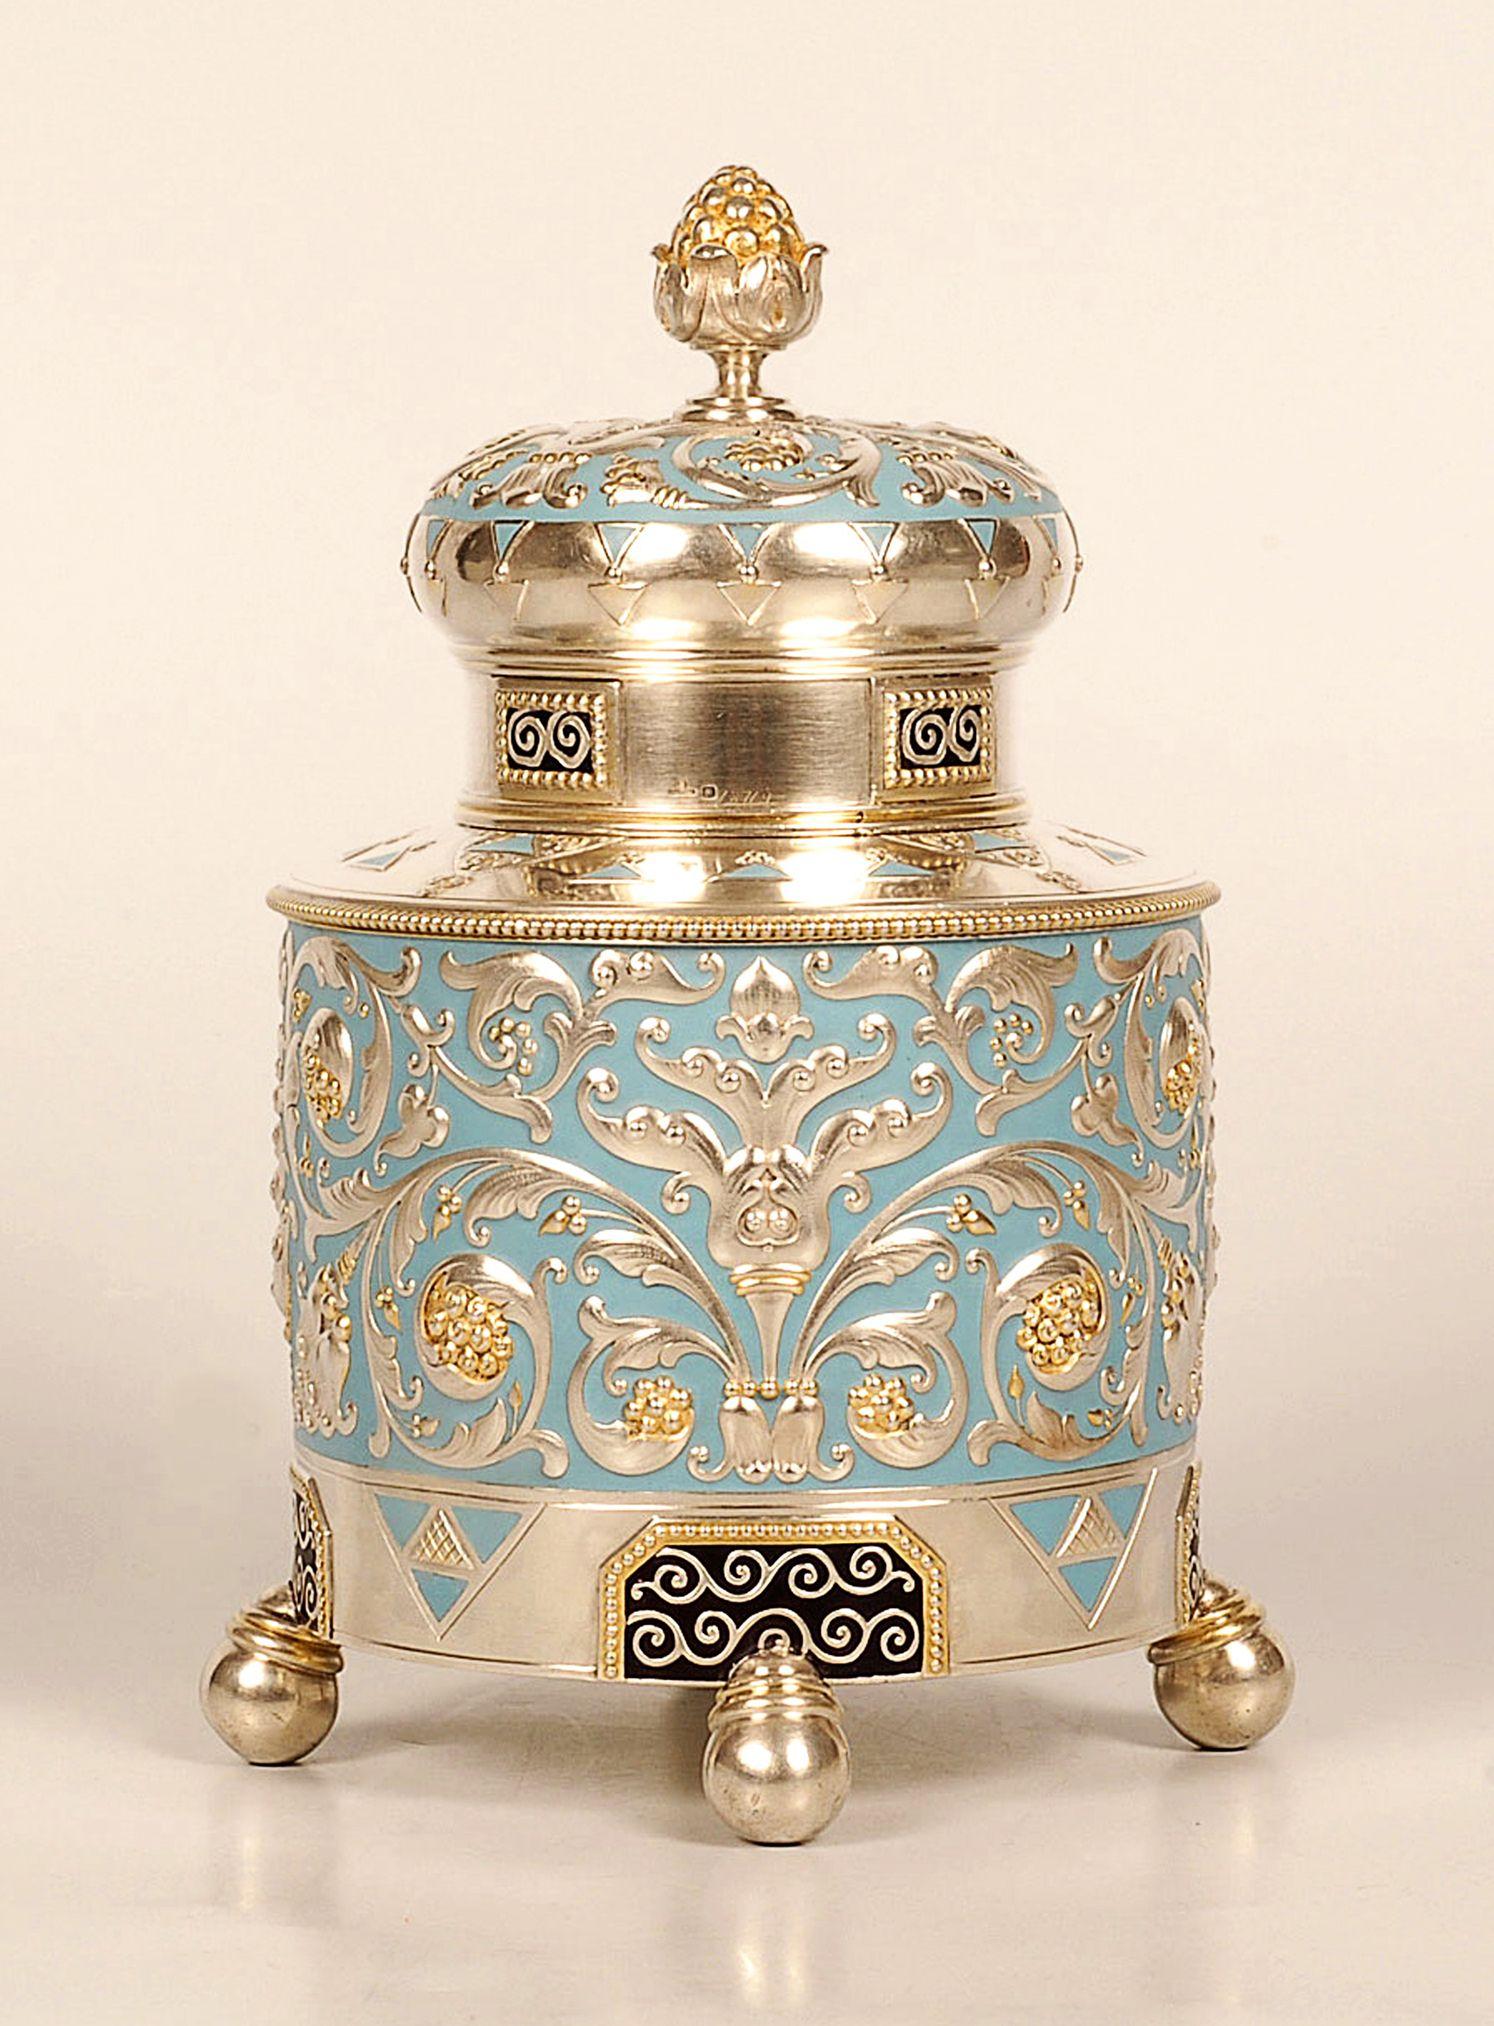 Faberge plata, paquete-cerda joven, esmalte y té caddy, Moscú, 1908-1917... Muy lindo!!